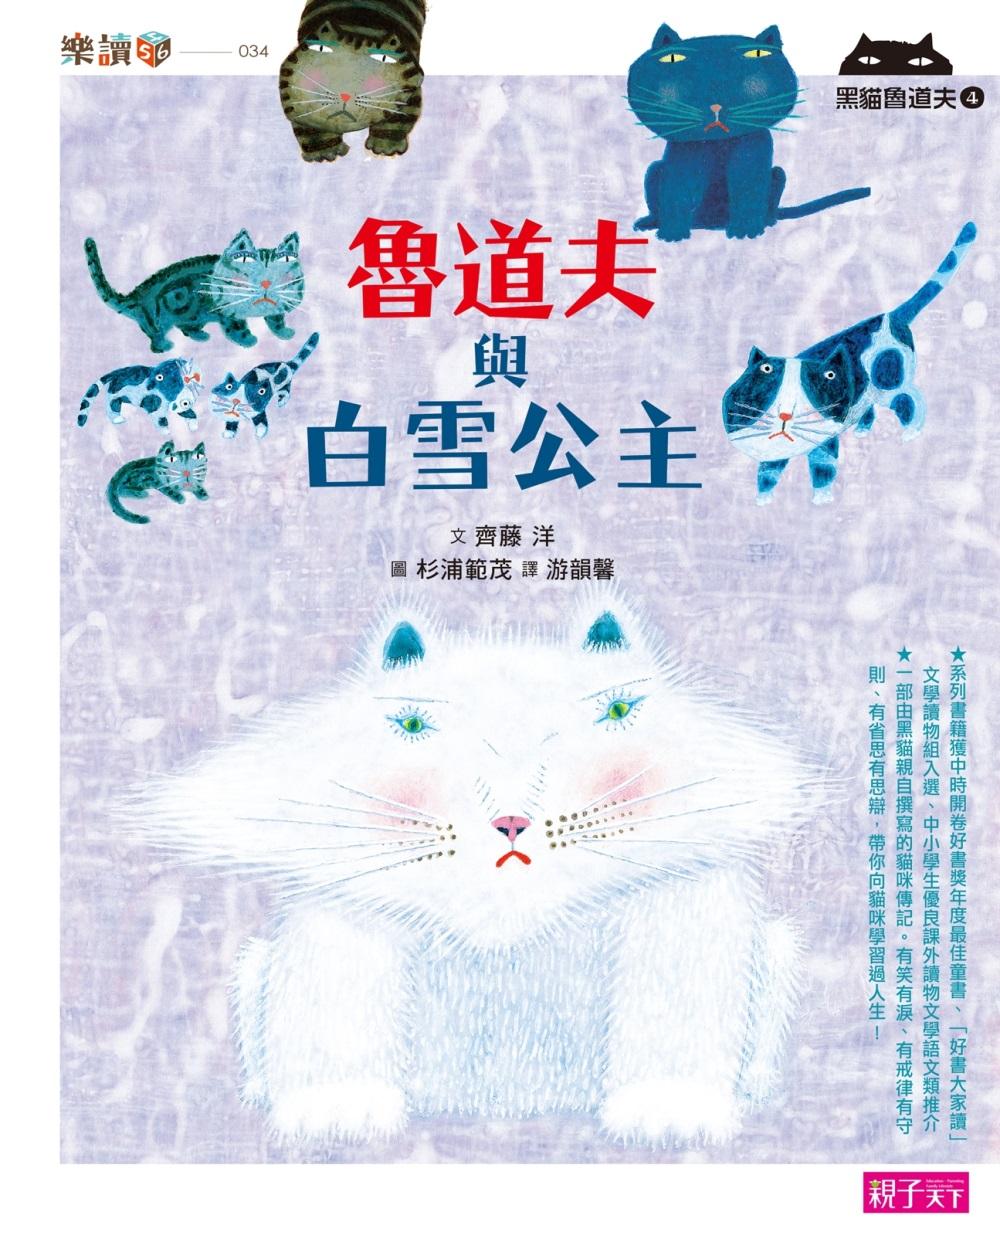 黑貓魯道夫4:魯道夫與白雪公主